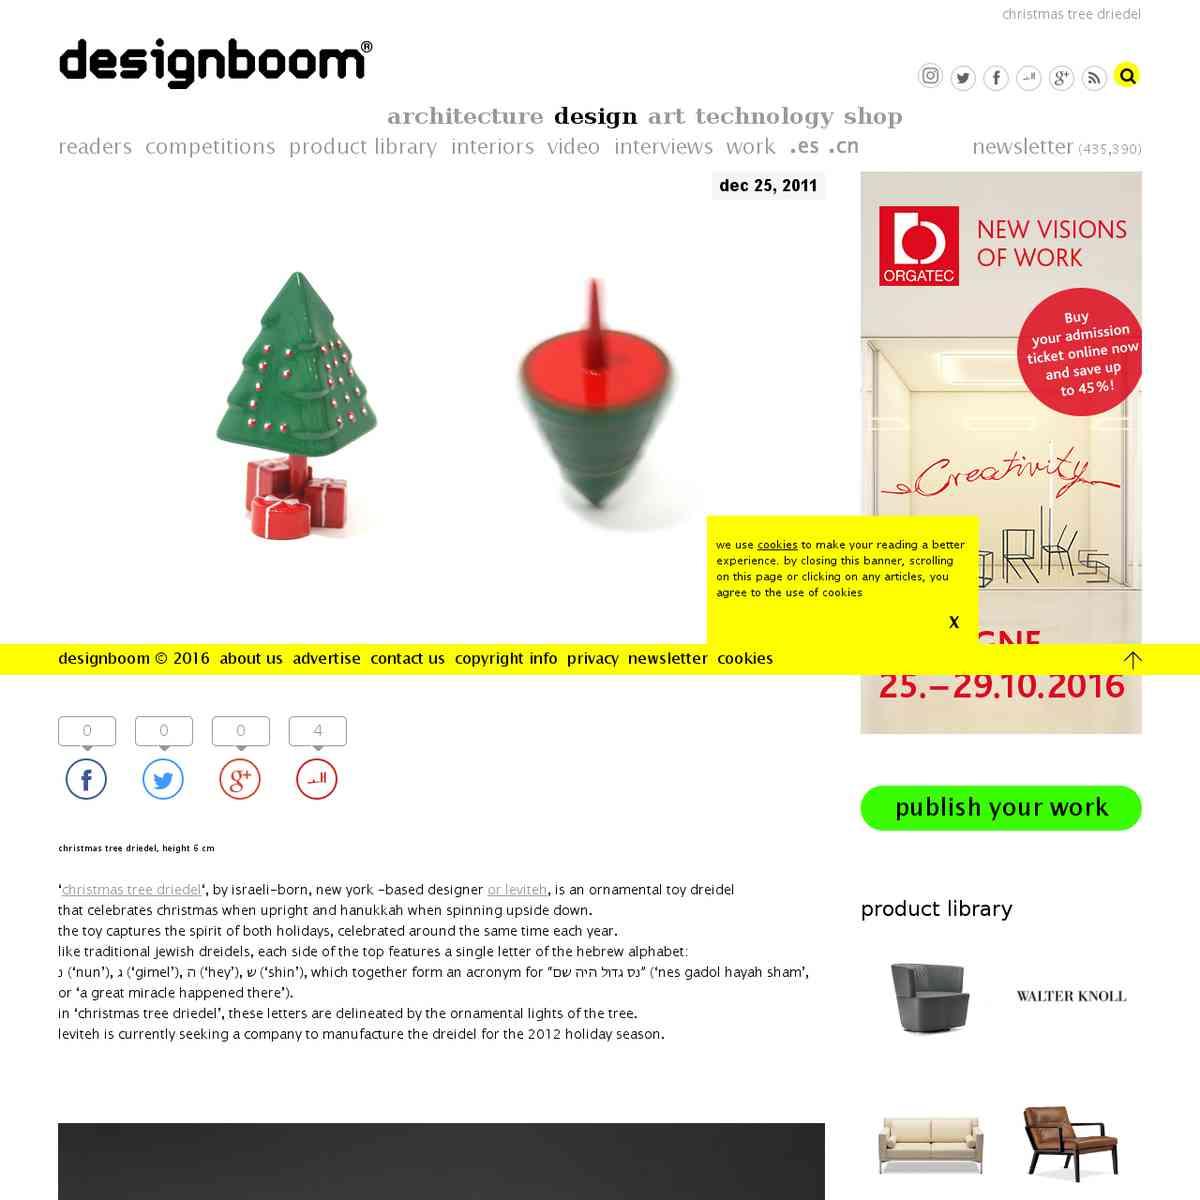 designboom.com/design/christmas-tree-driedel/